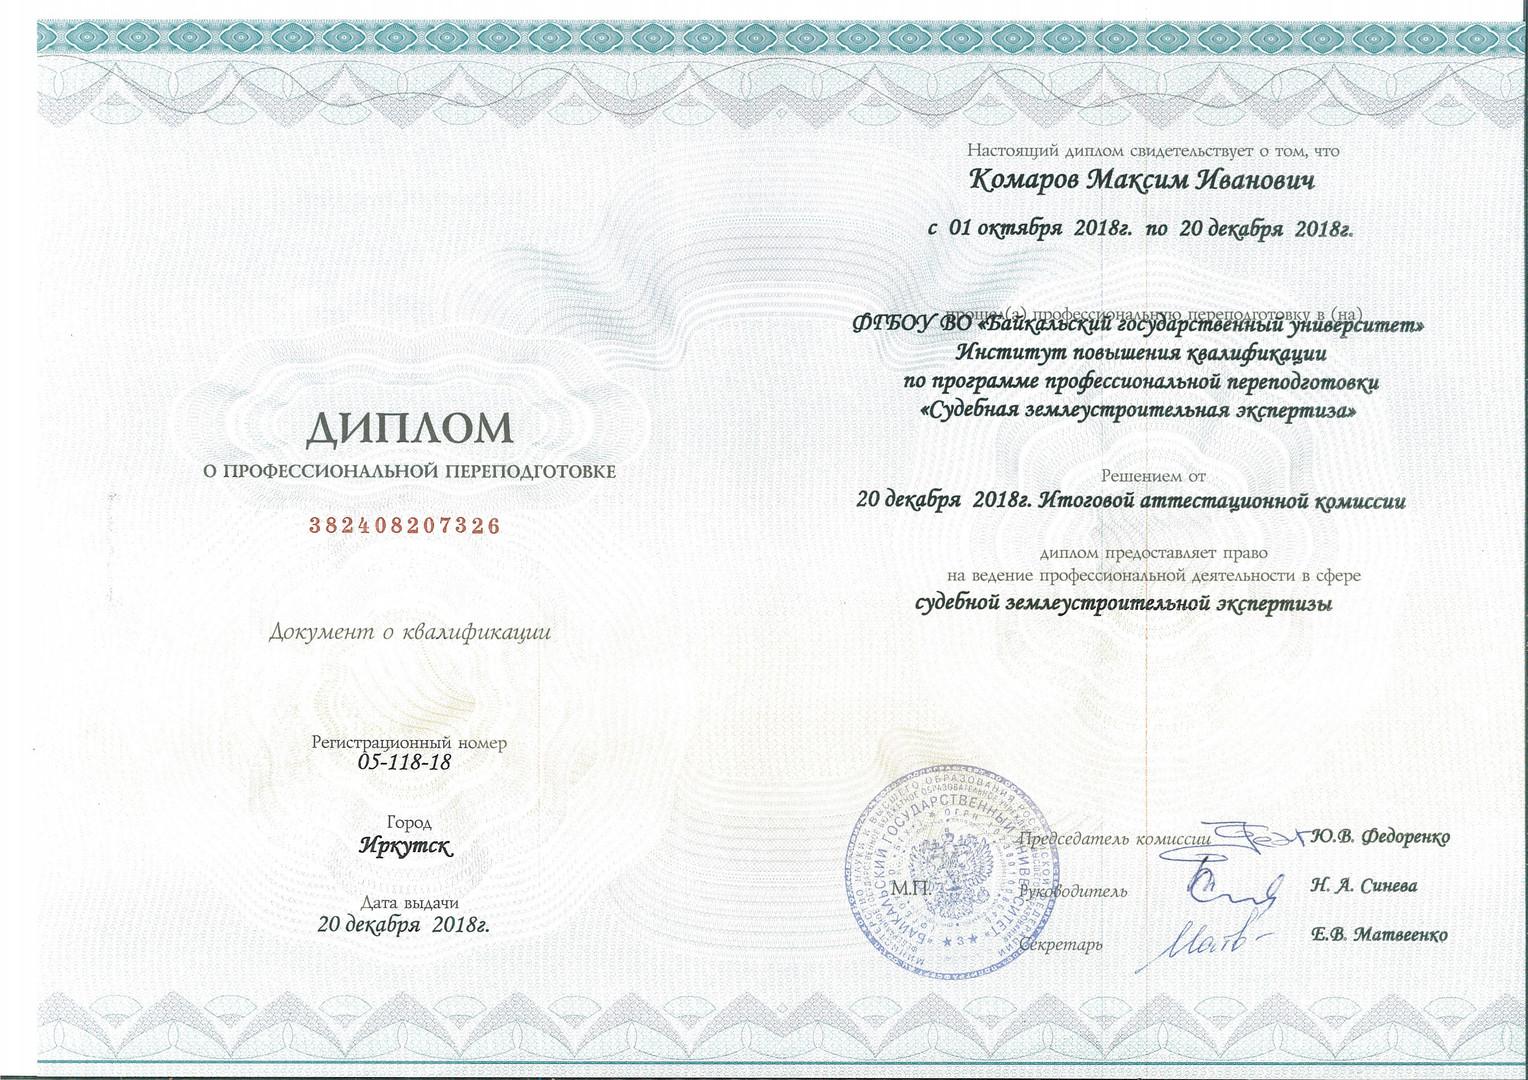 3 диплом судемной экспертизы.jpg